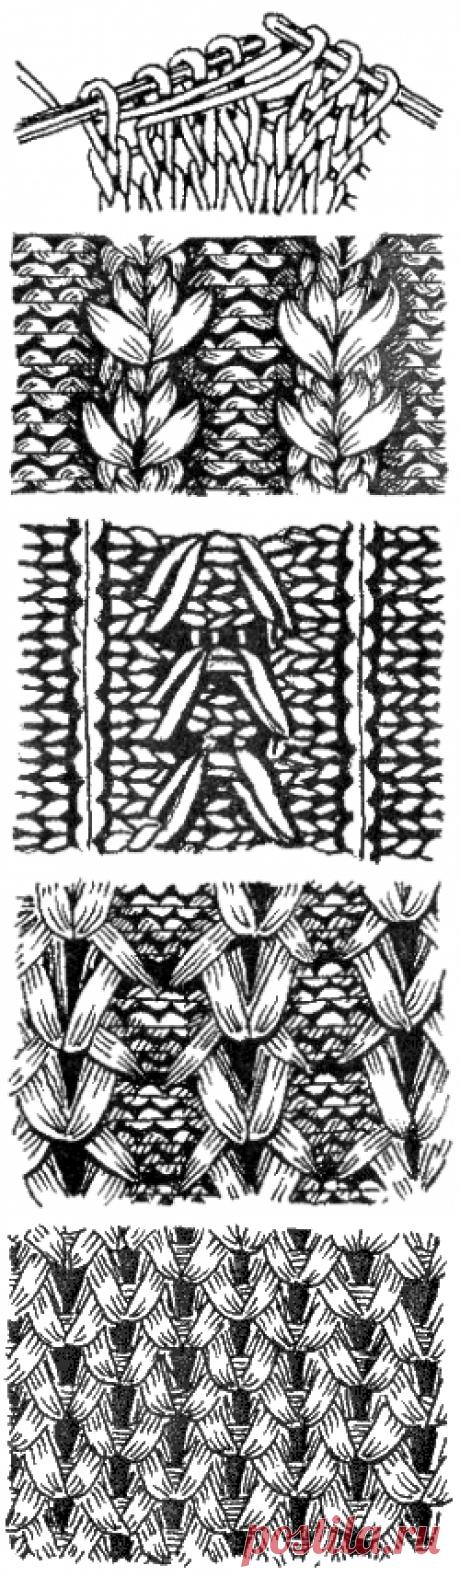 Урок 15. Вязание образцов со снятыми и вытянутыми петлями. Узоры.